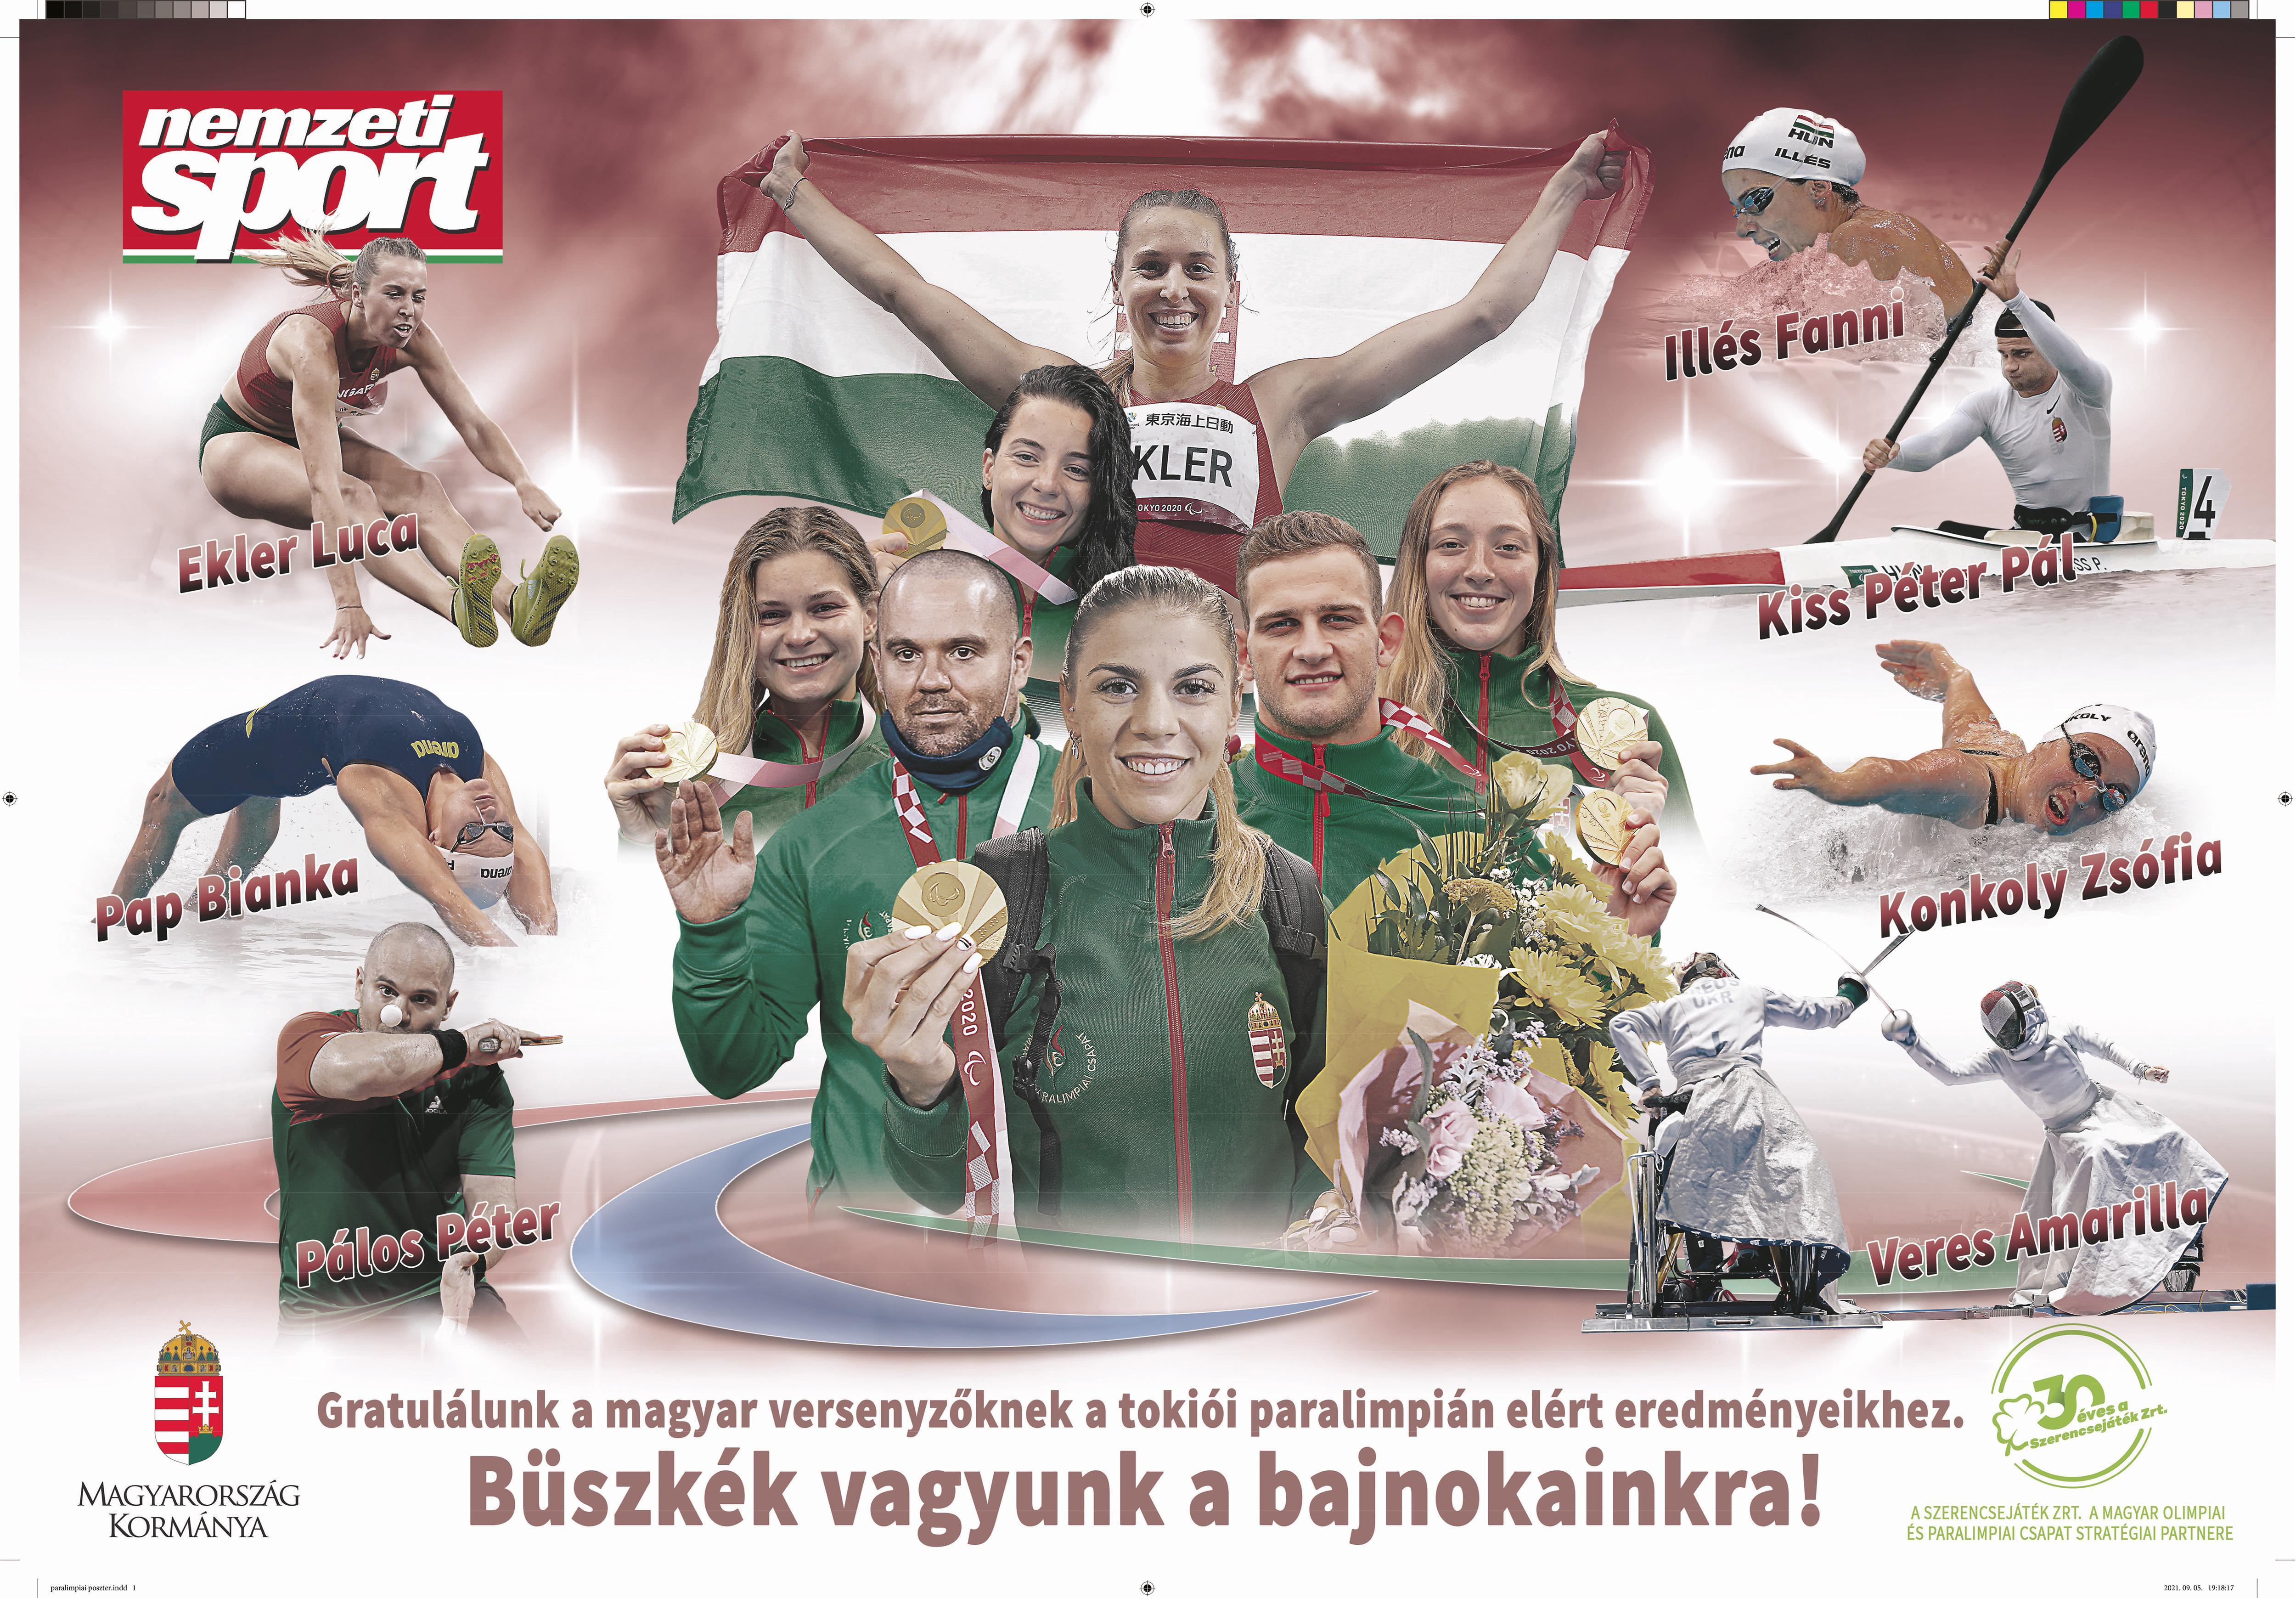 NS: poszteren a tokiói paralimpia magyar hősei